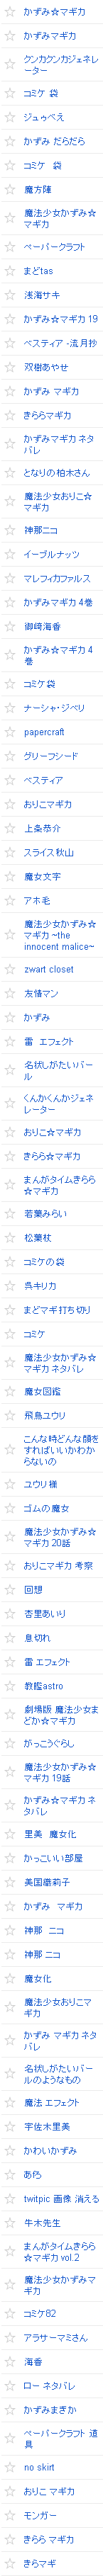 2012/09/02の検索クエリ一覧(ウェブマスターツール)の上位